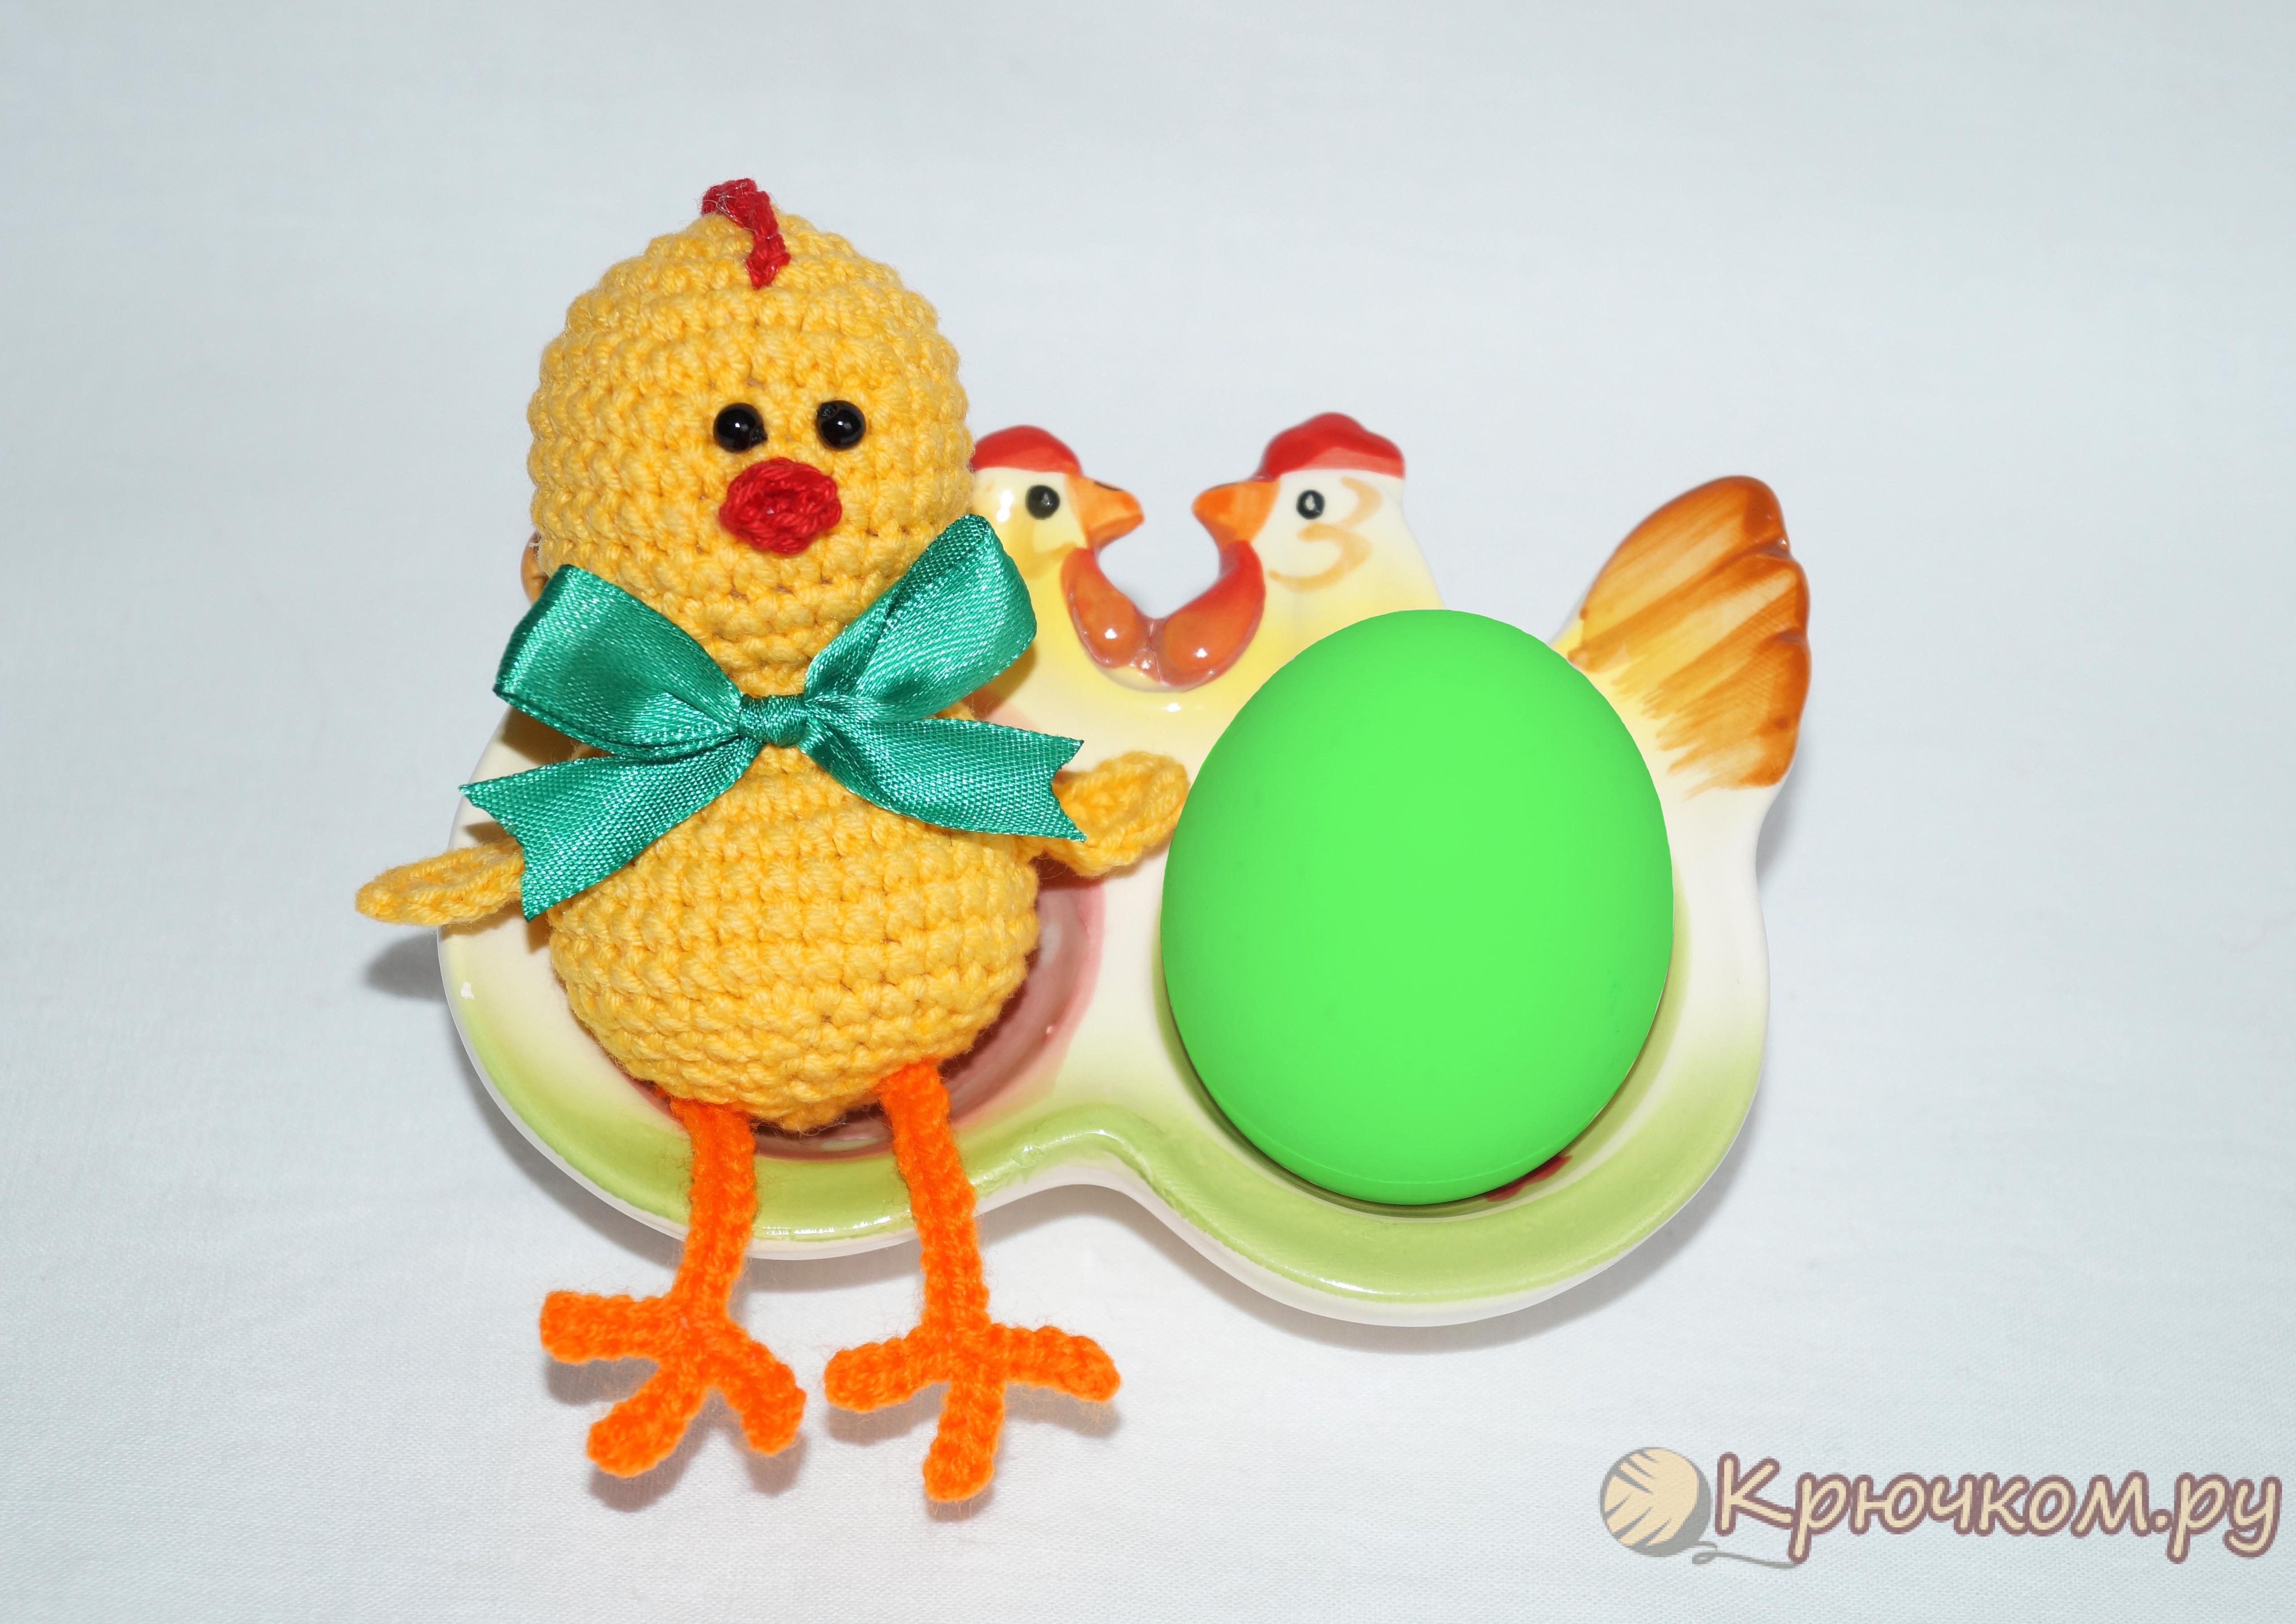 Пасхальный цыпленок своими руками видео